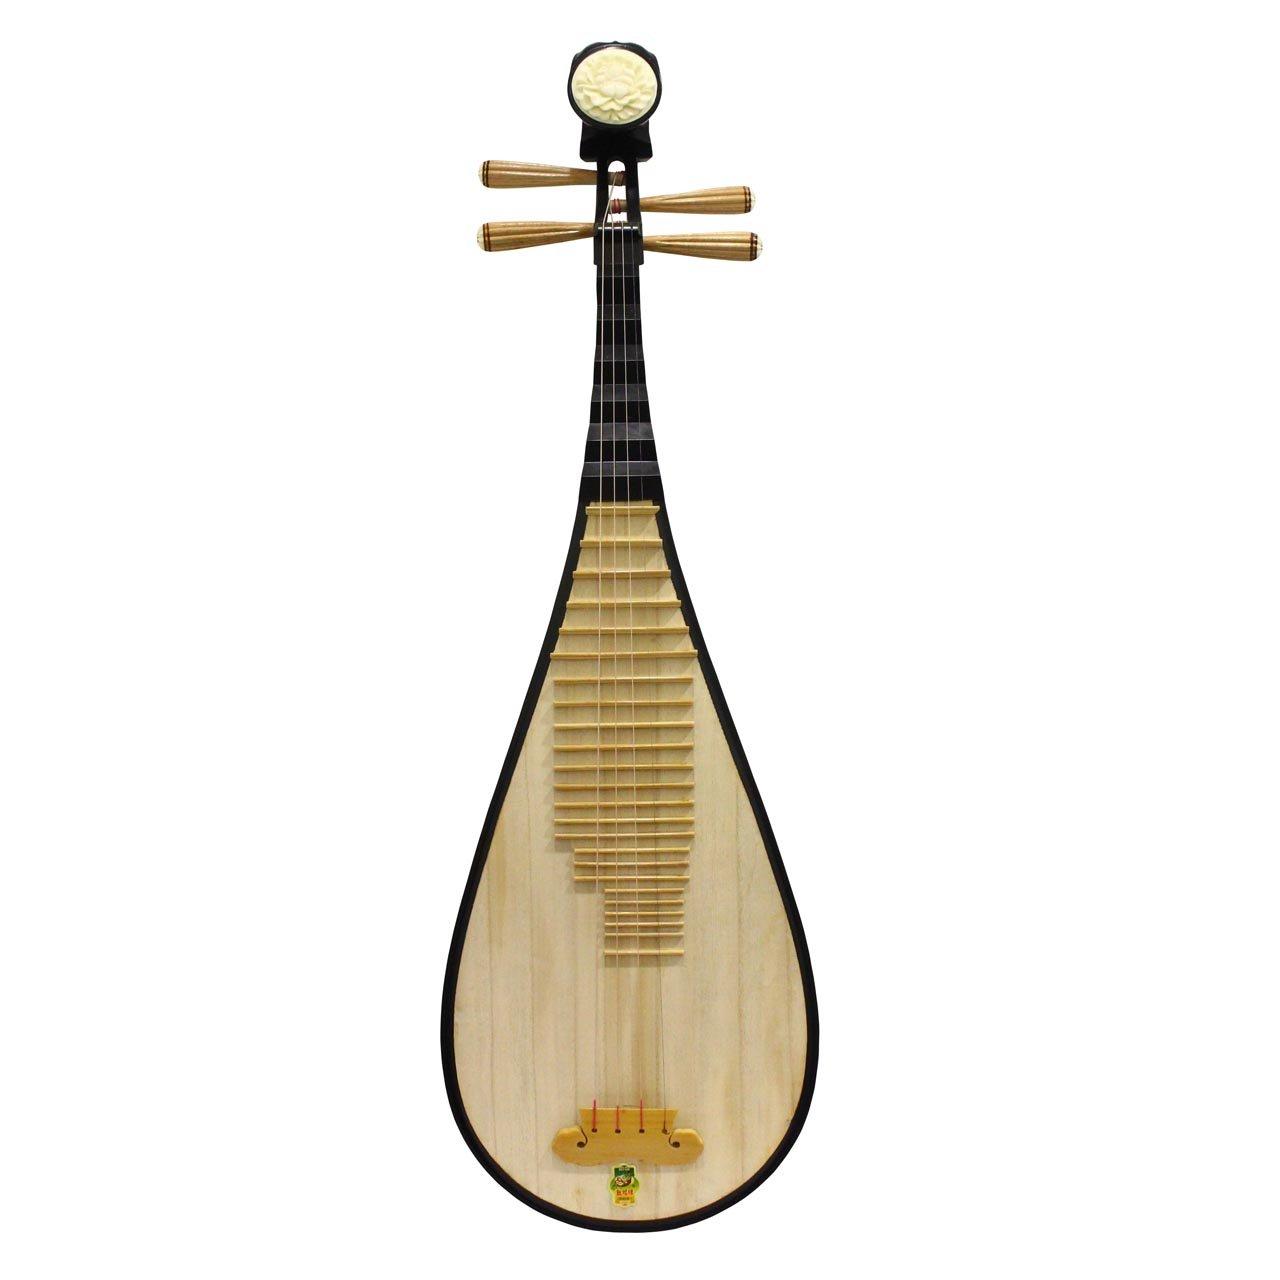 Eason Music Starter Grade Shanghai Spruce Wood Pipa